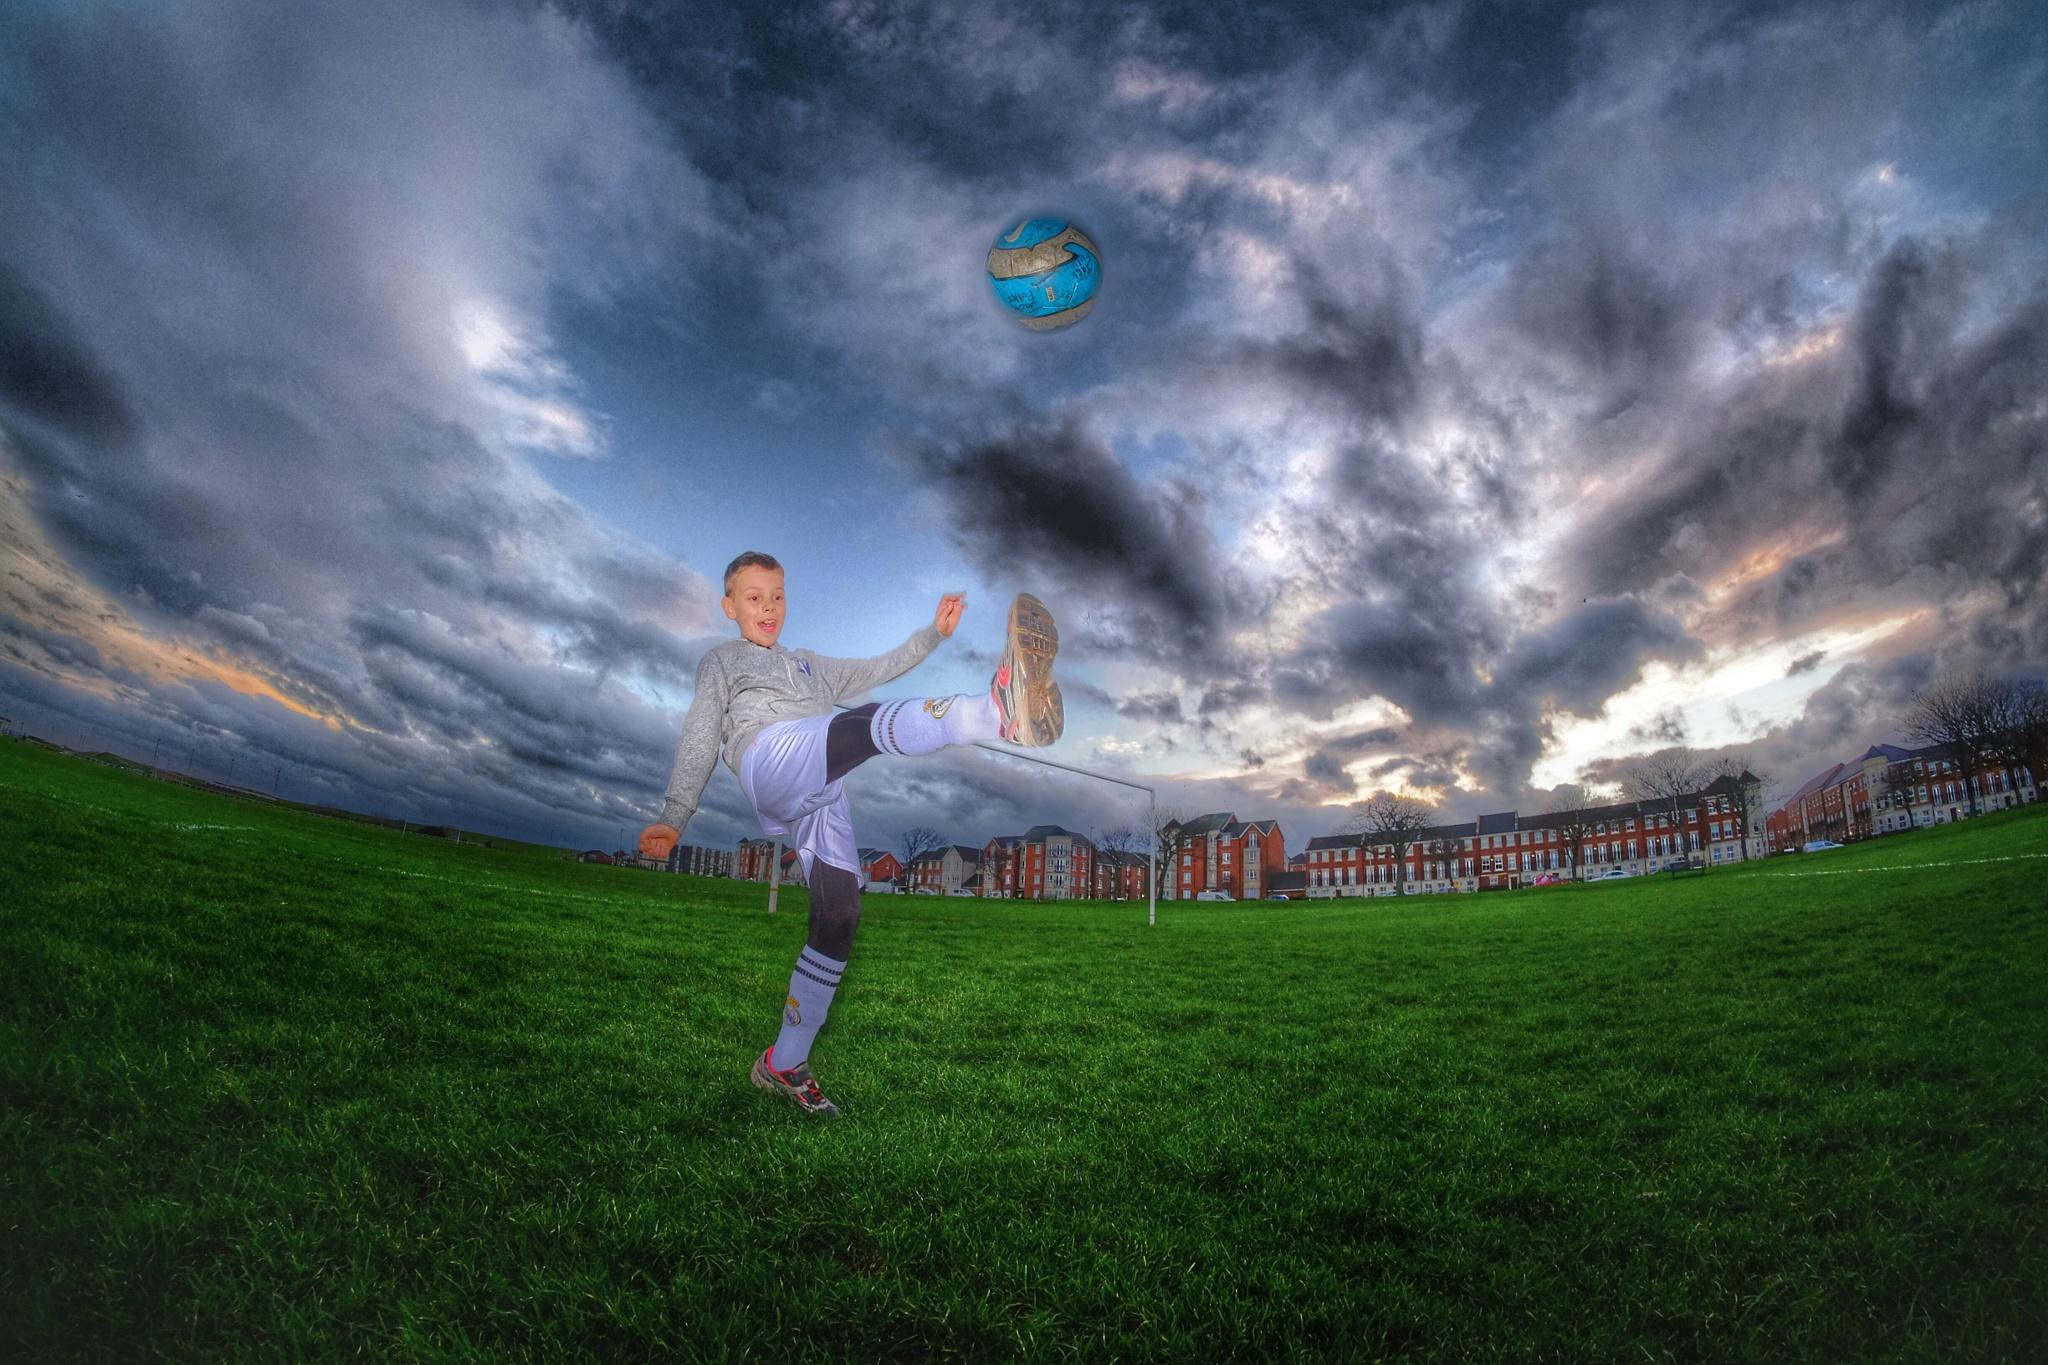 Football by Neil Fuller